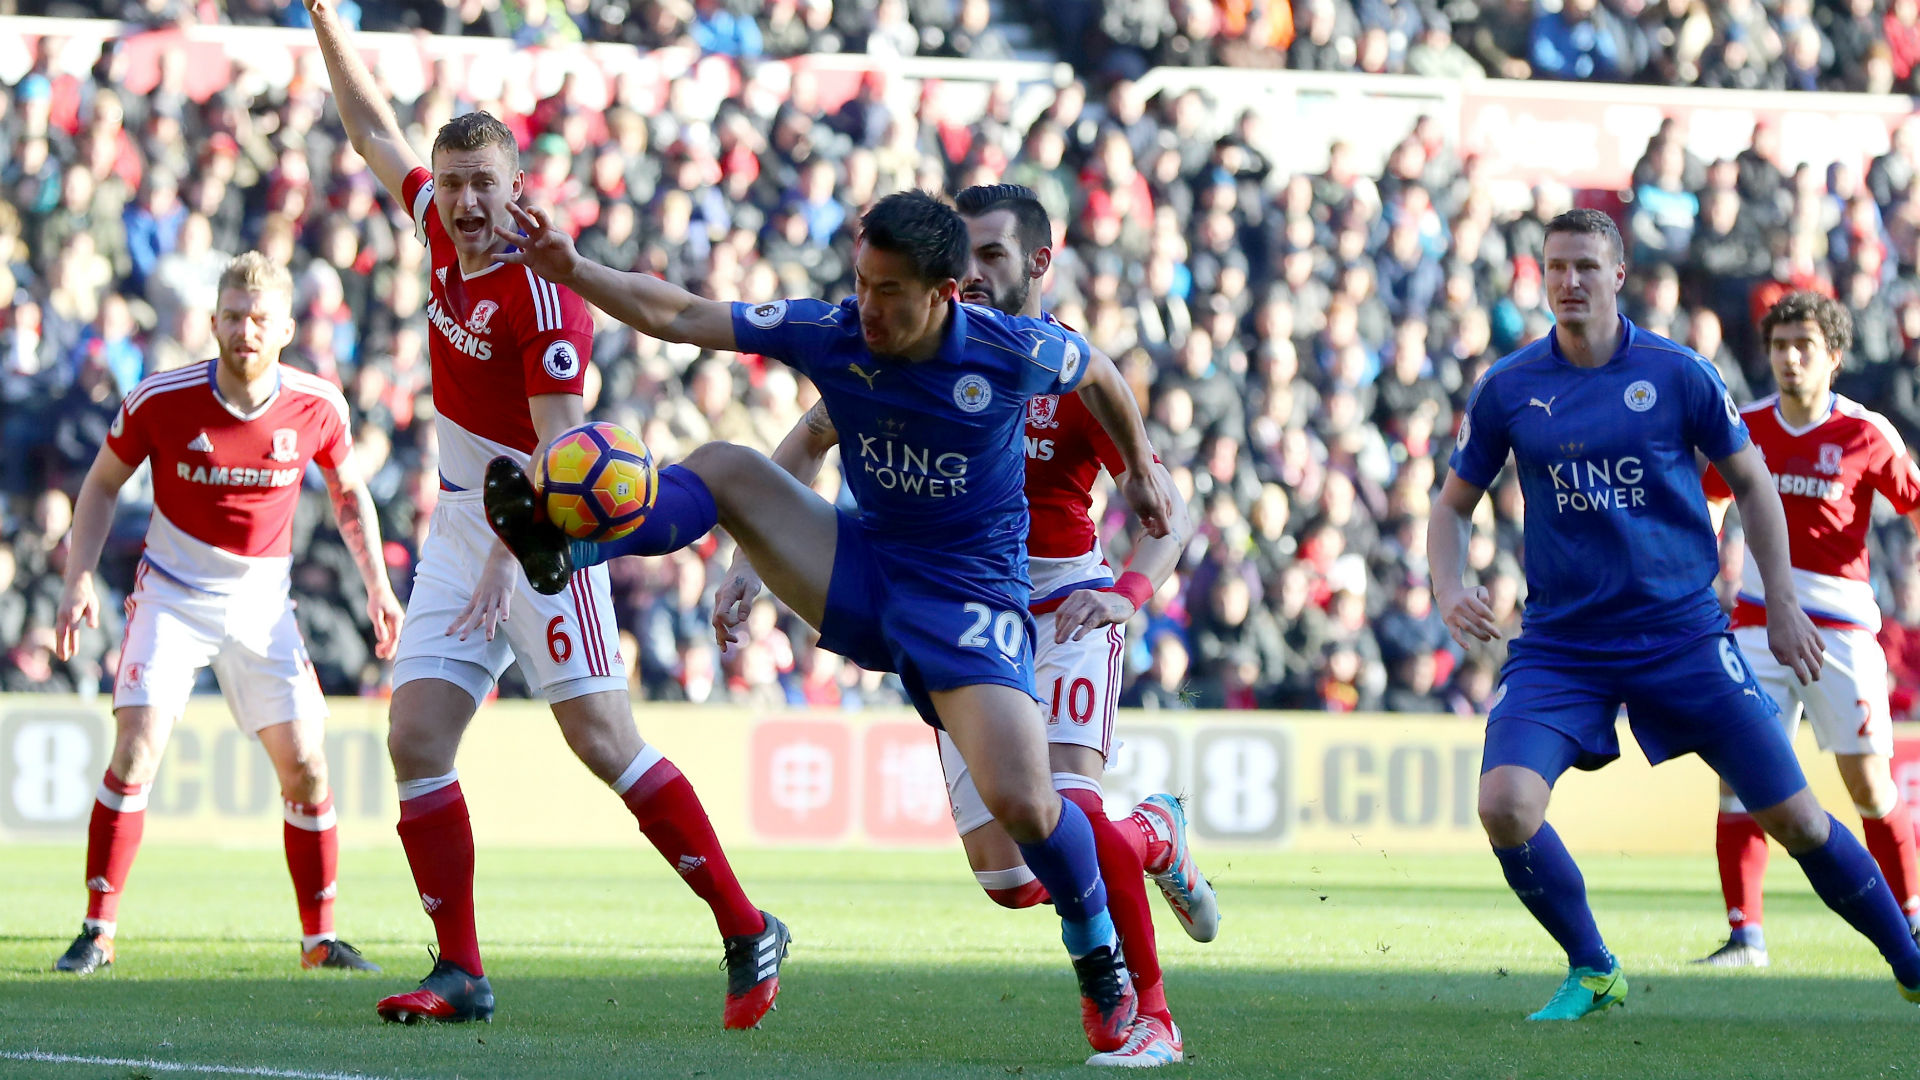 Middlesbrough Leicester Okazaki